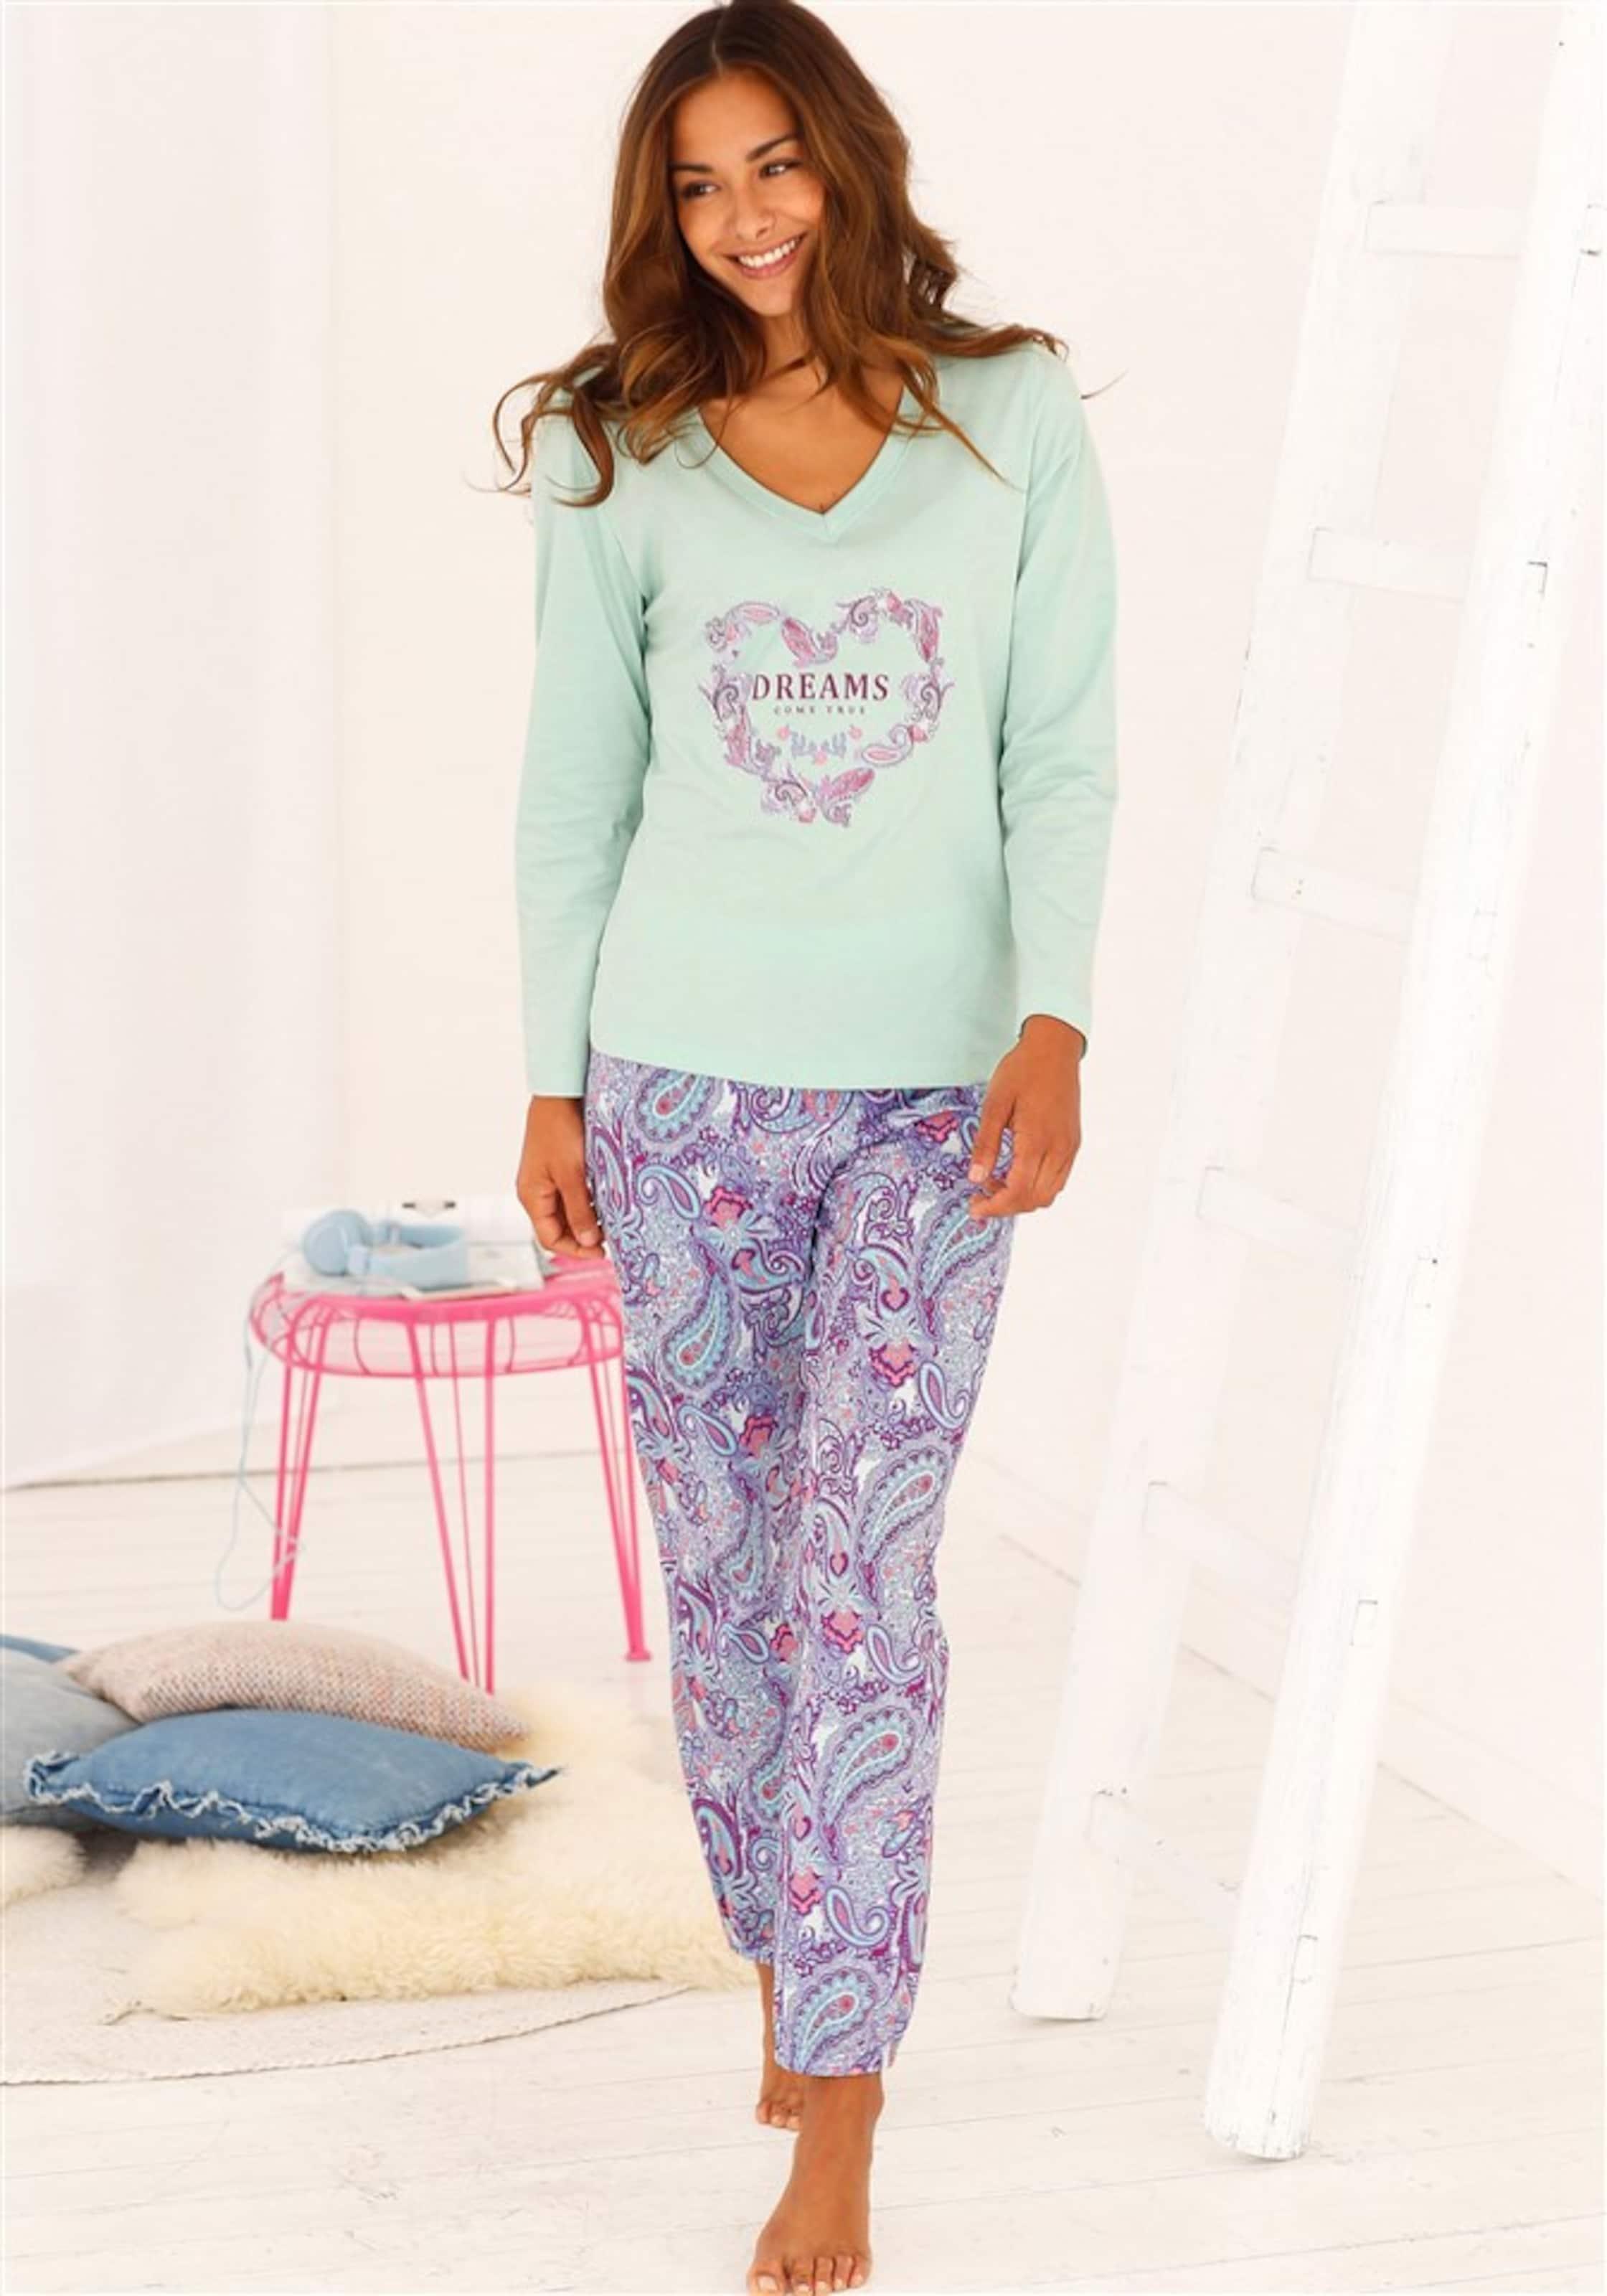 Kaufen Online-Outlet Outlet Besten Preise BUFFALO Pyjama Freies Verschiffen Billig Spielraum Mit Mastercard Fachlich BC60oJ5A